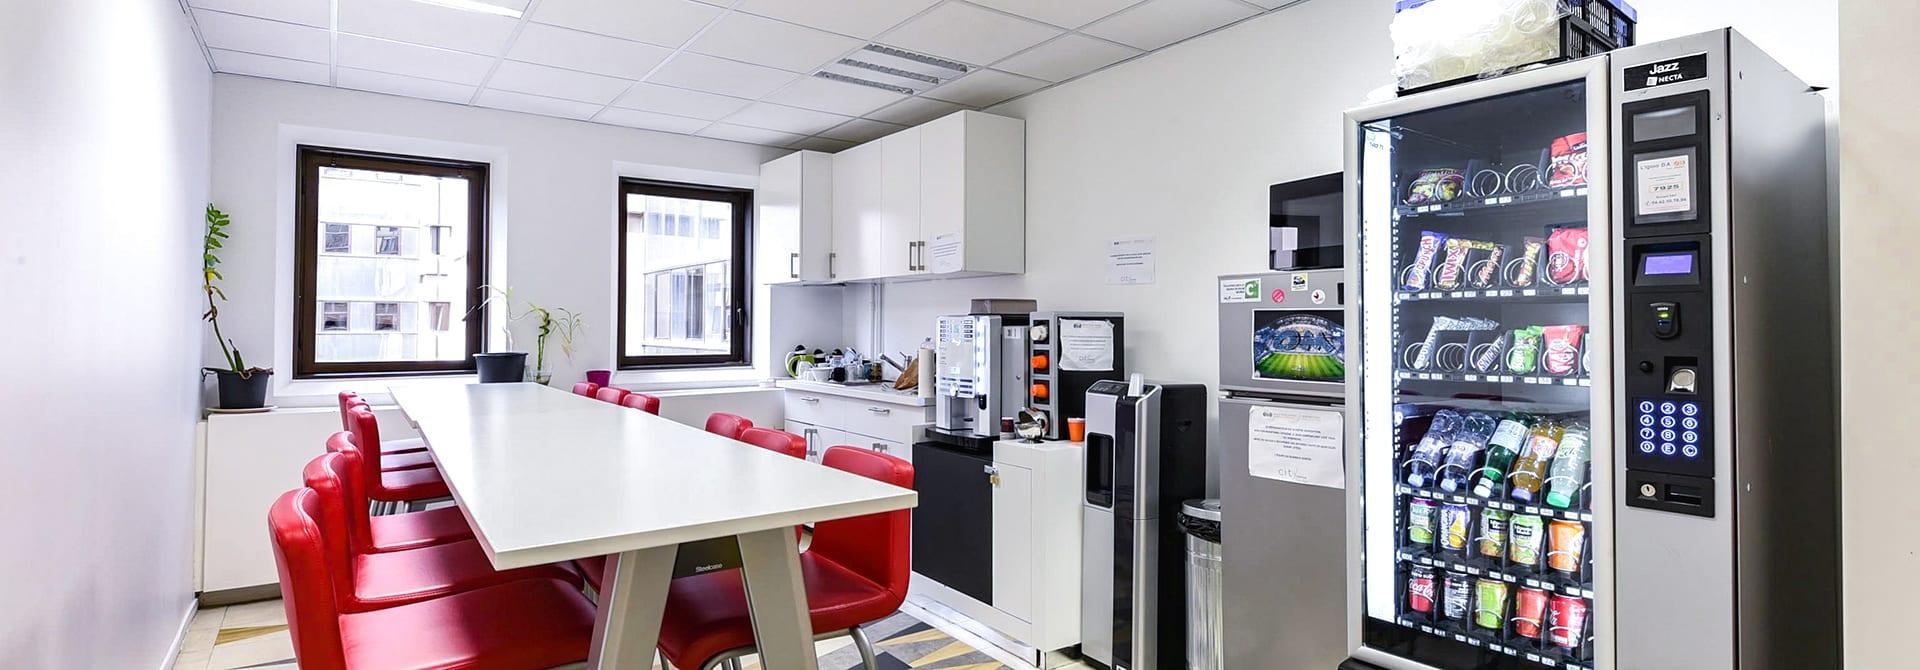 Location coworking à Marseille avec Lunch Box |City Center